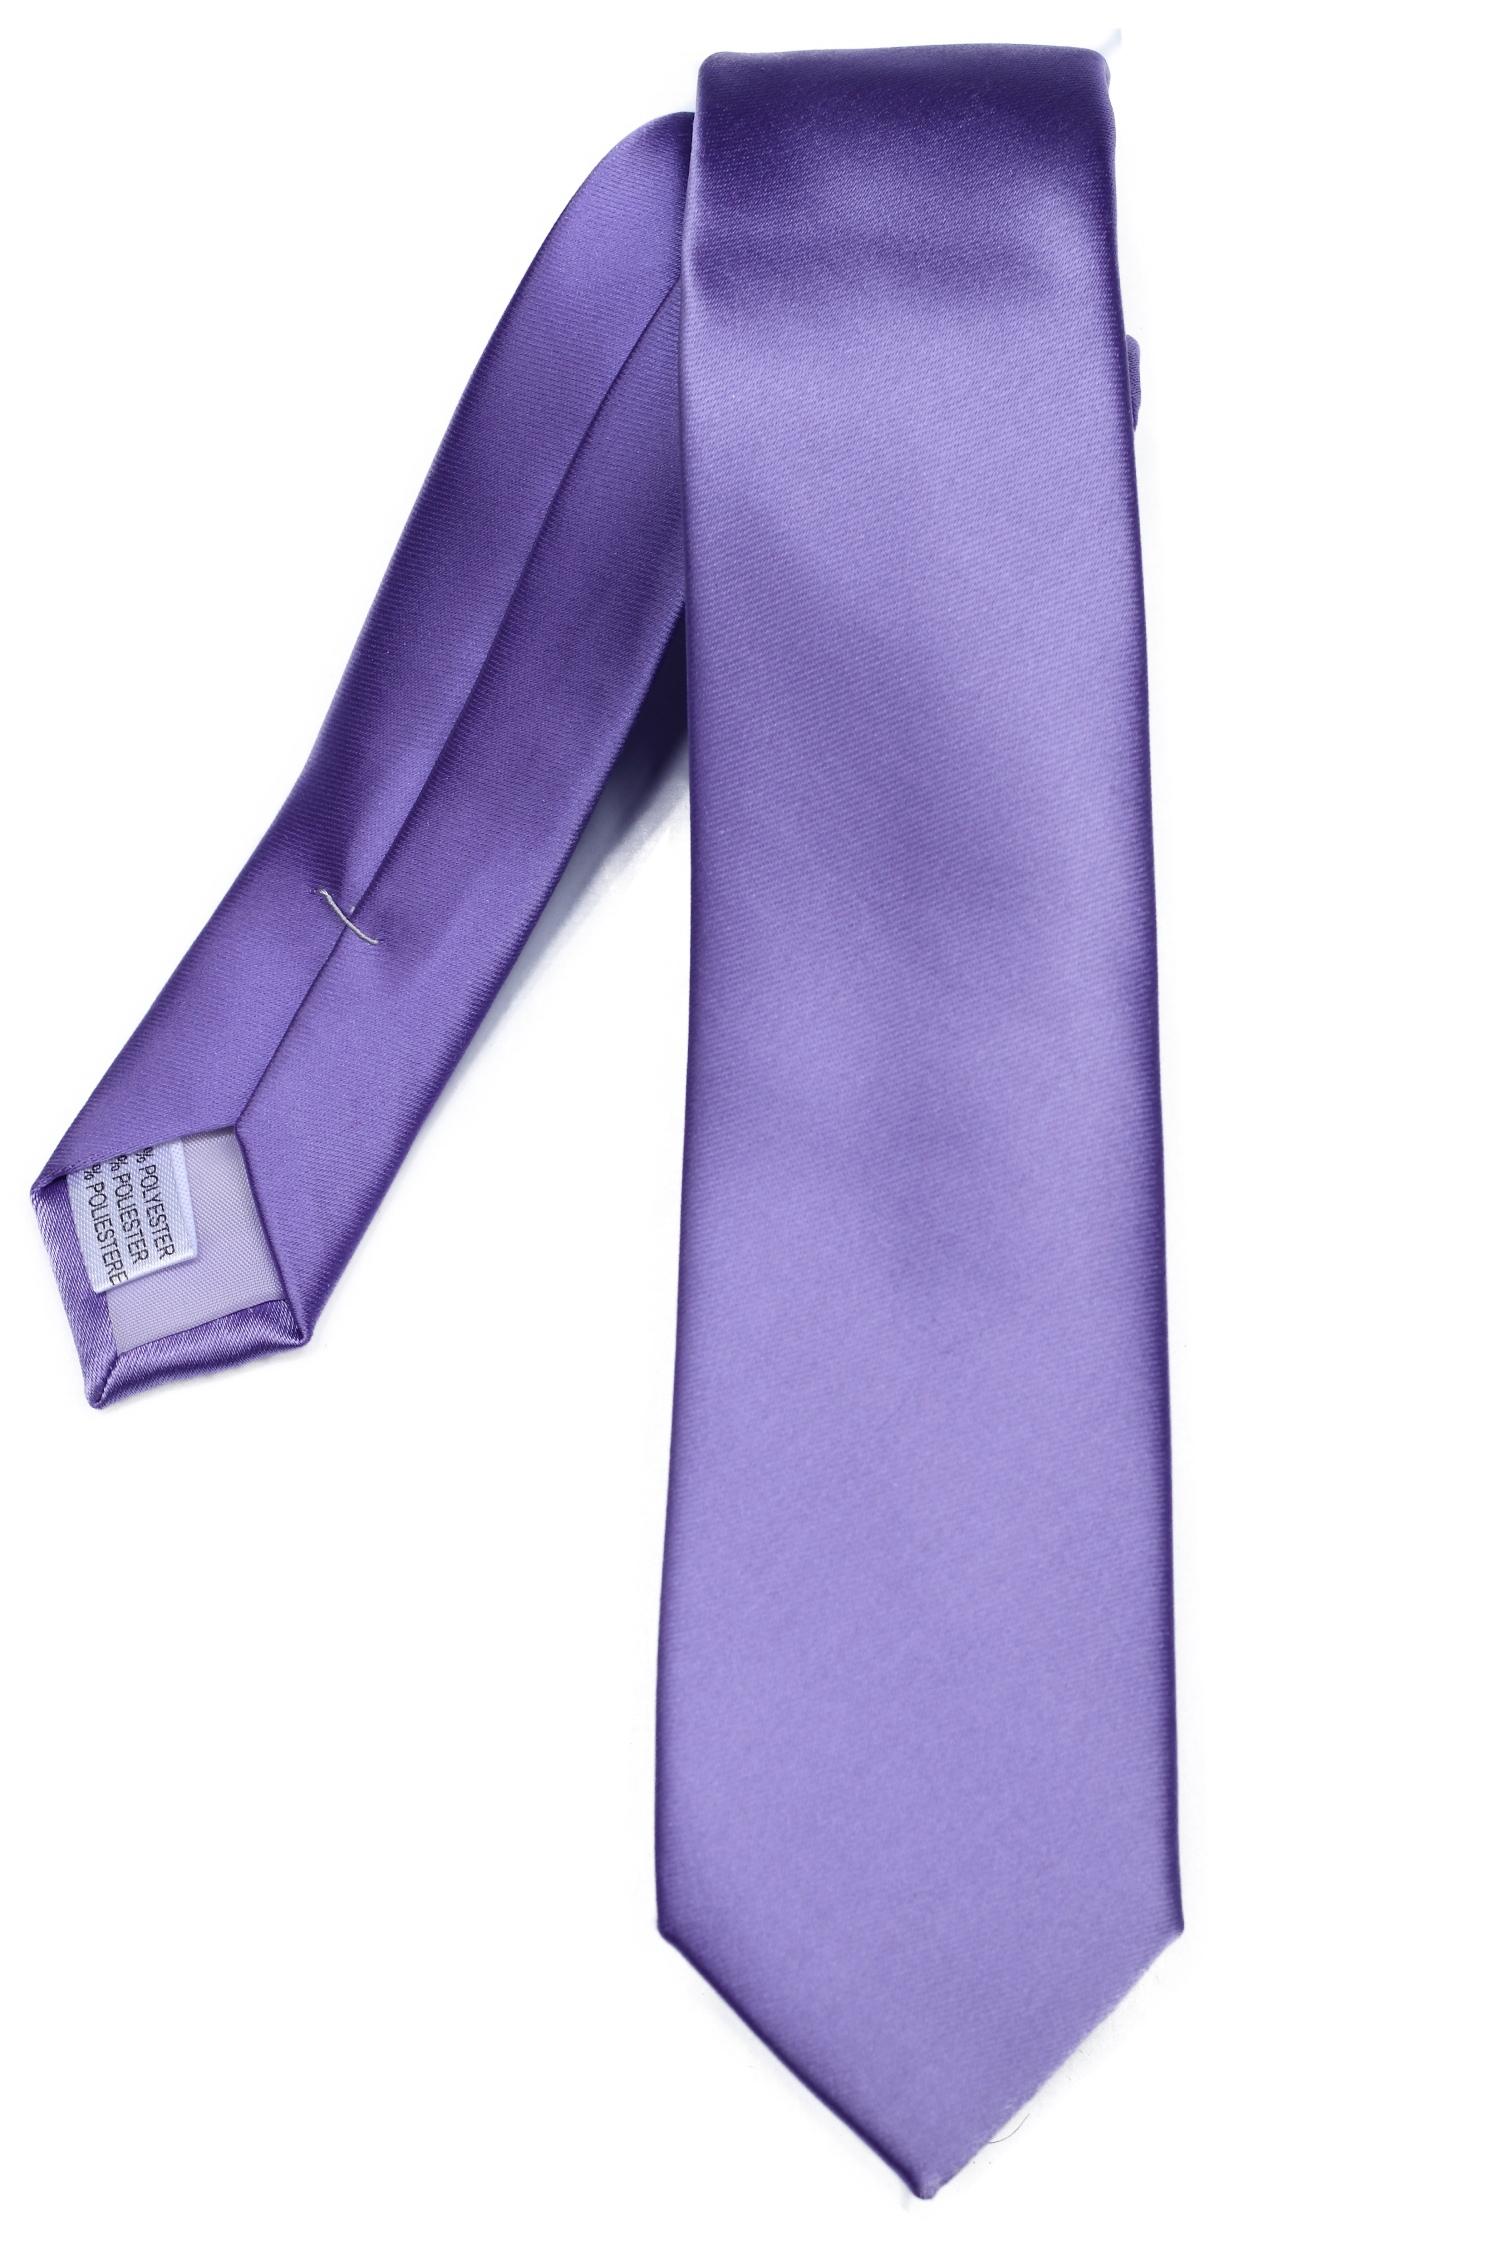 https://www.leadermode.com/170416/virtuose-slim-violet.jpg